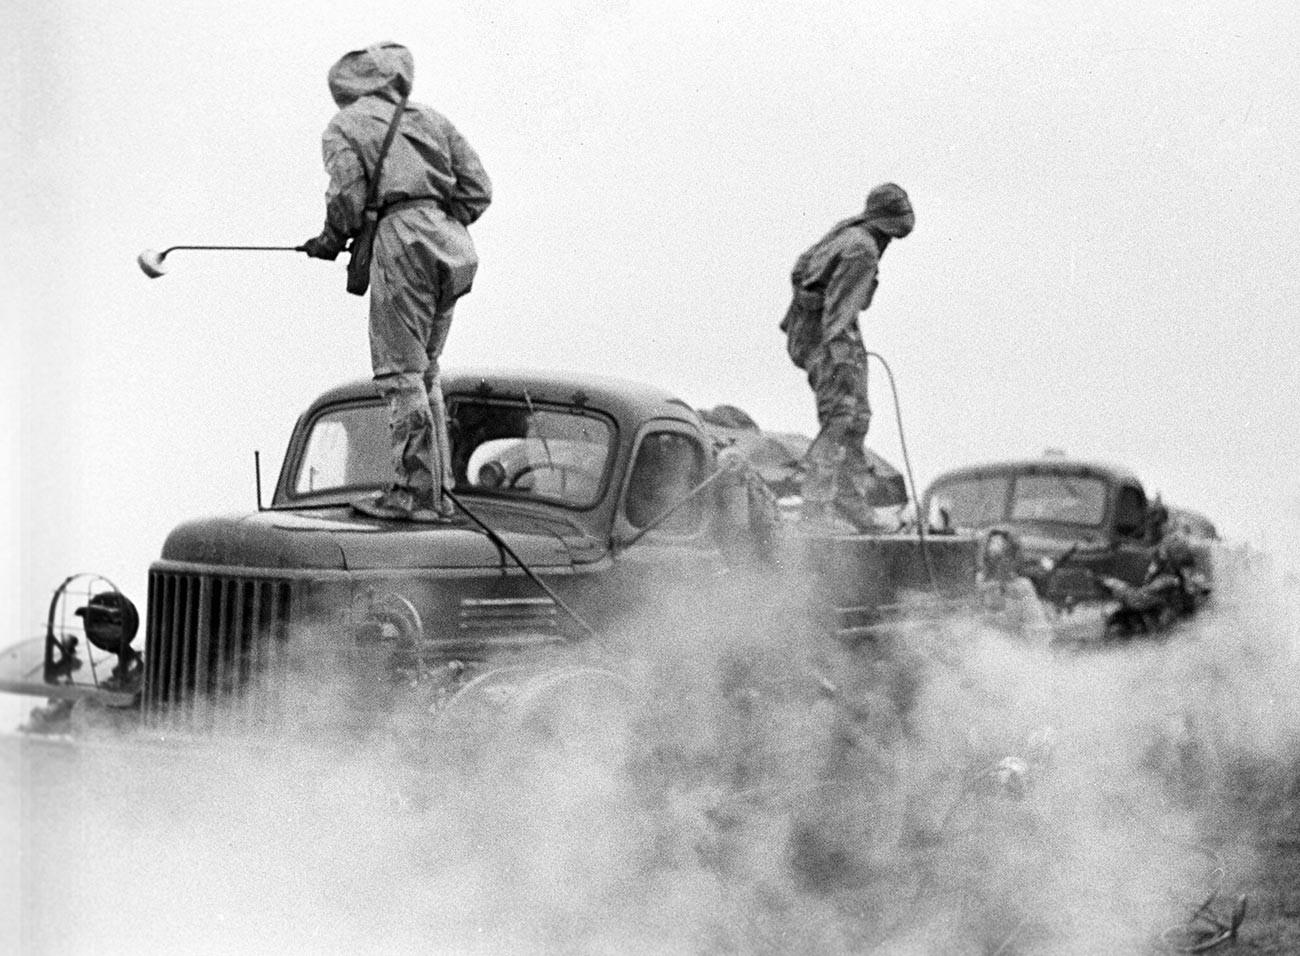 Exercícios das tropas soviéticas de defesa radiológica, química e biológica